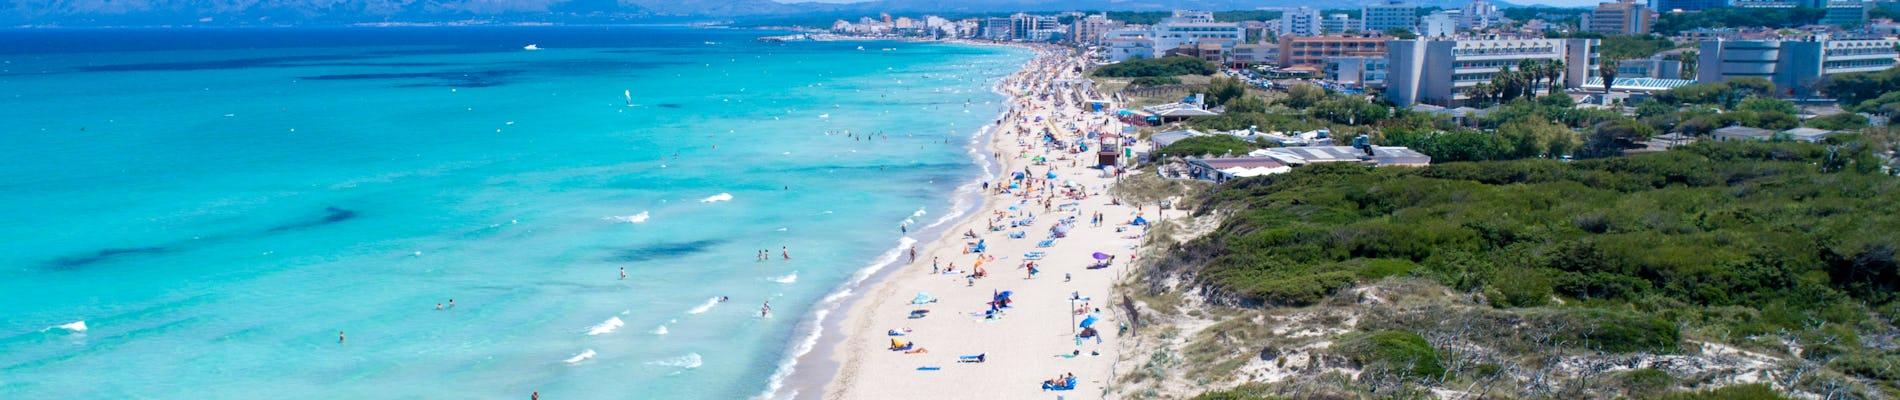 Playa De Muro Karte.Playa De Muro Mallorca Bilder Videos Insidertipps